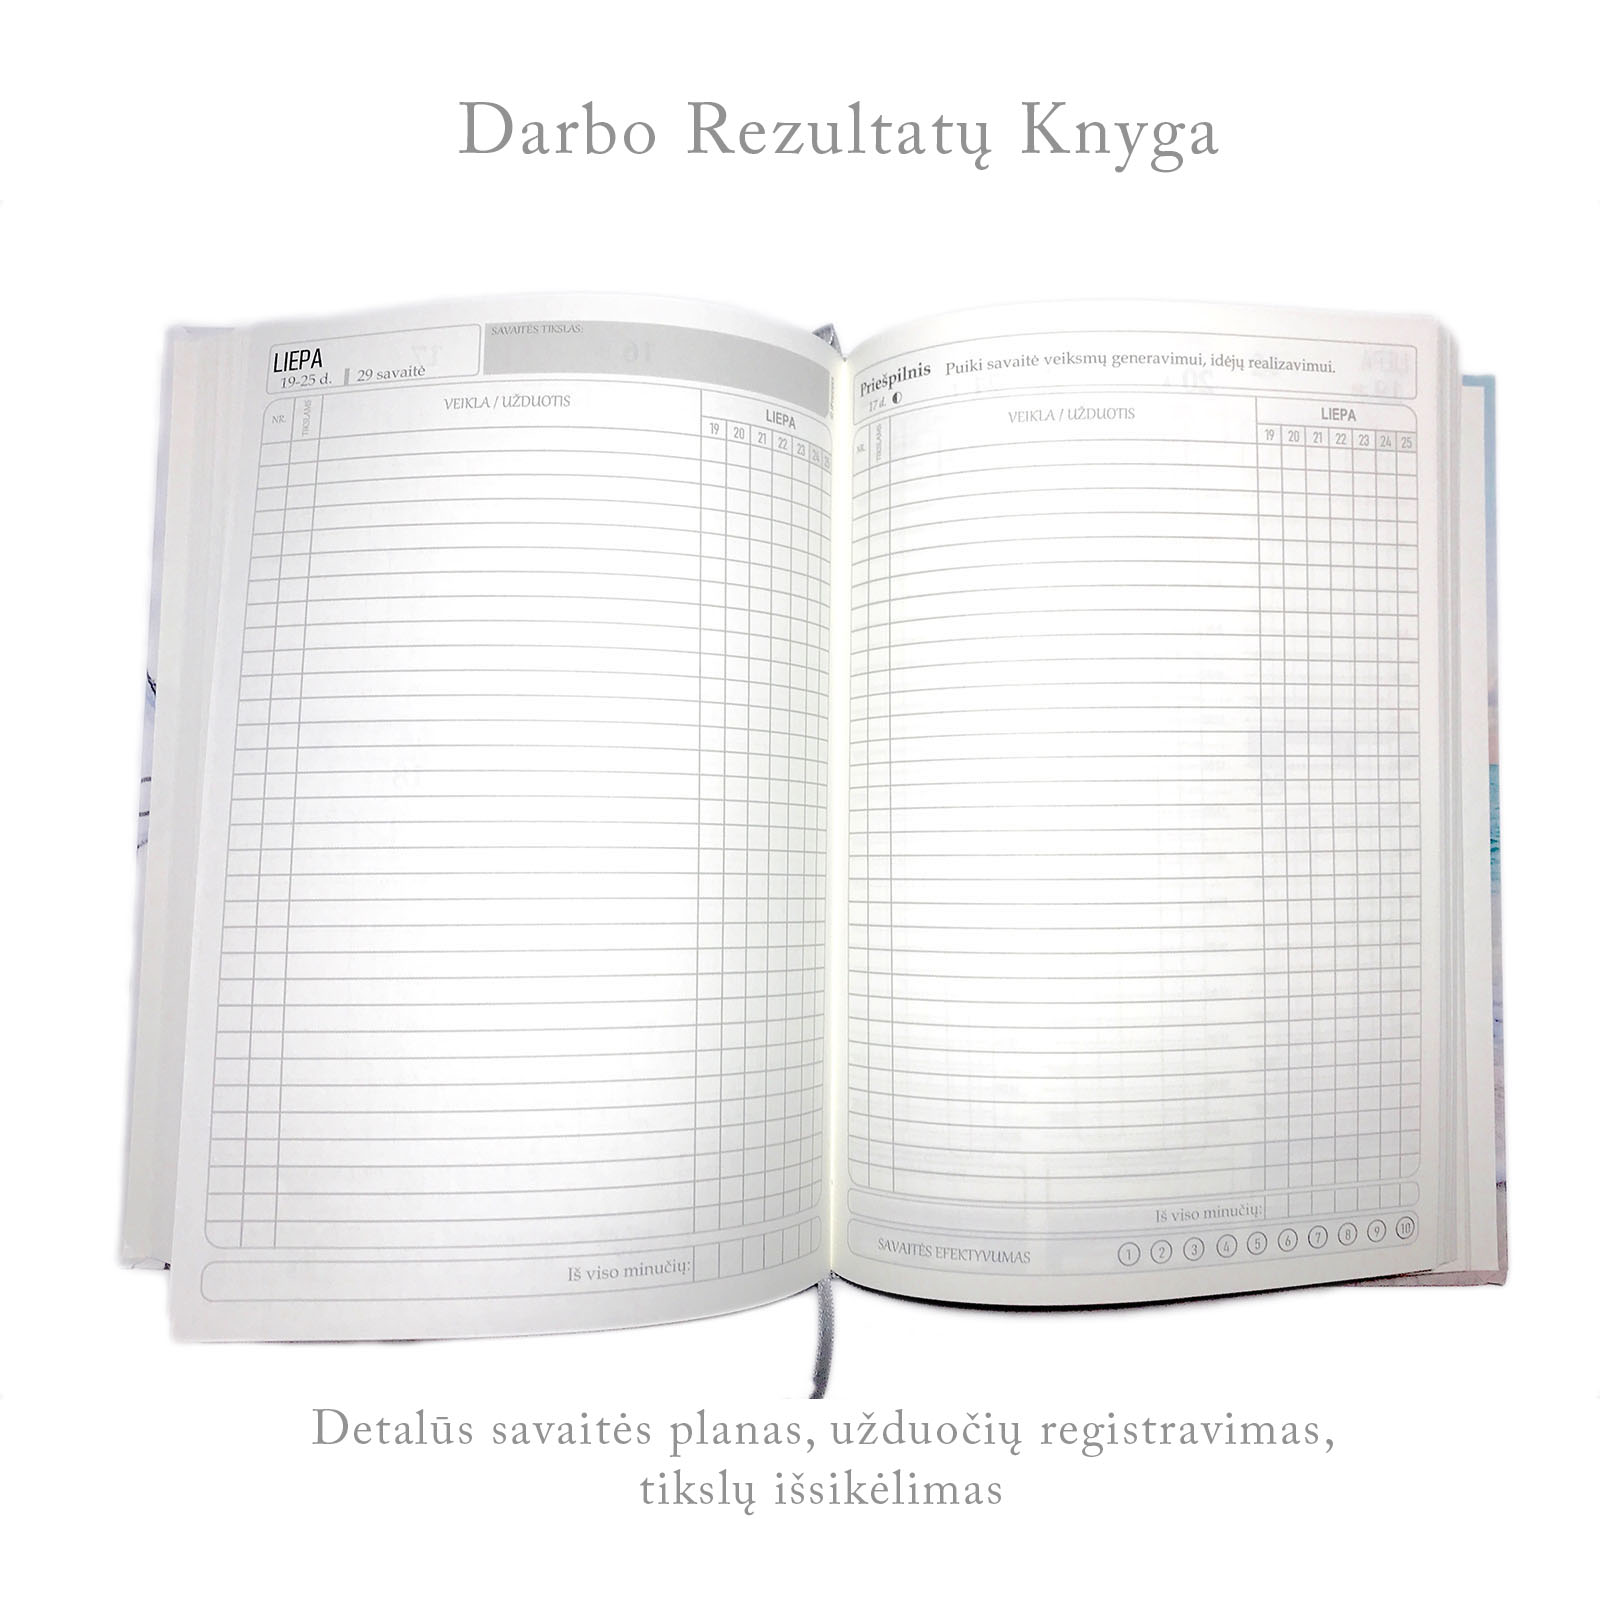 darbo knyga uzrasine rezultatu suvestine issikeltu tikslu sekimas ir registravimas dovanos vyrams gimtadienio verslo imonems partneriams biuro dovanos ofisui  2